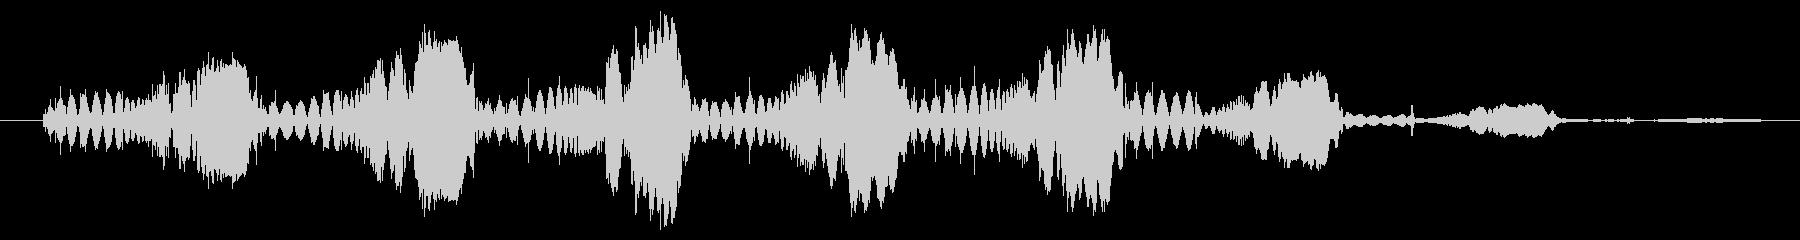 シンセ ショットテクノウォブルロー01の未再生の波形